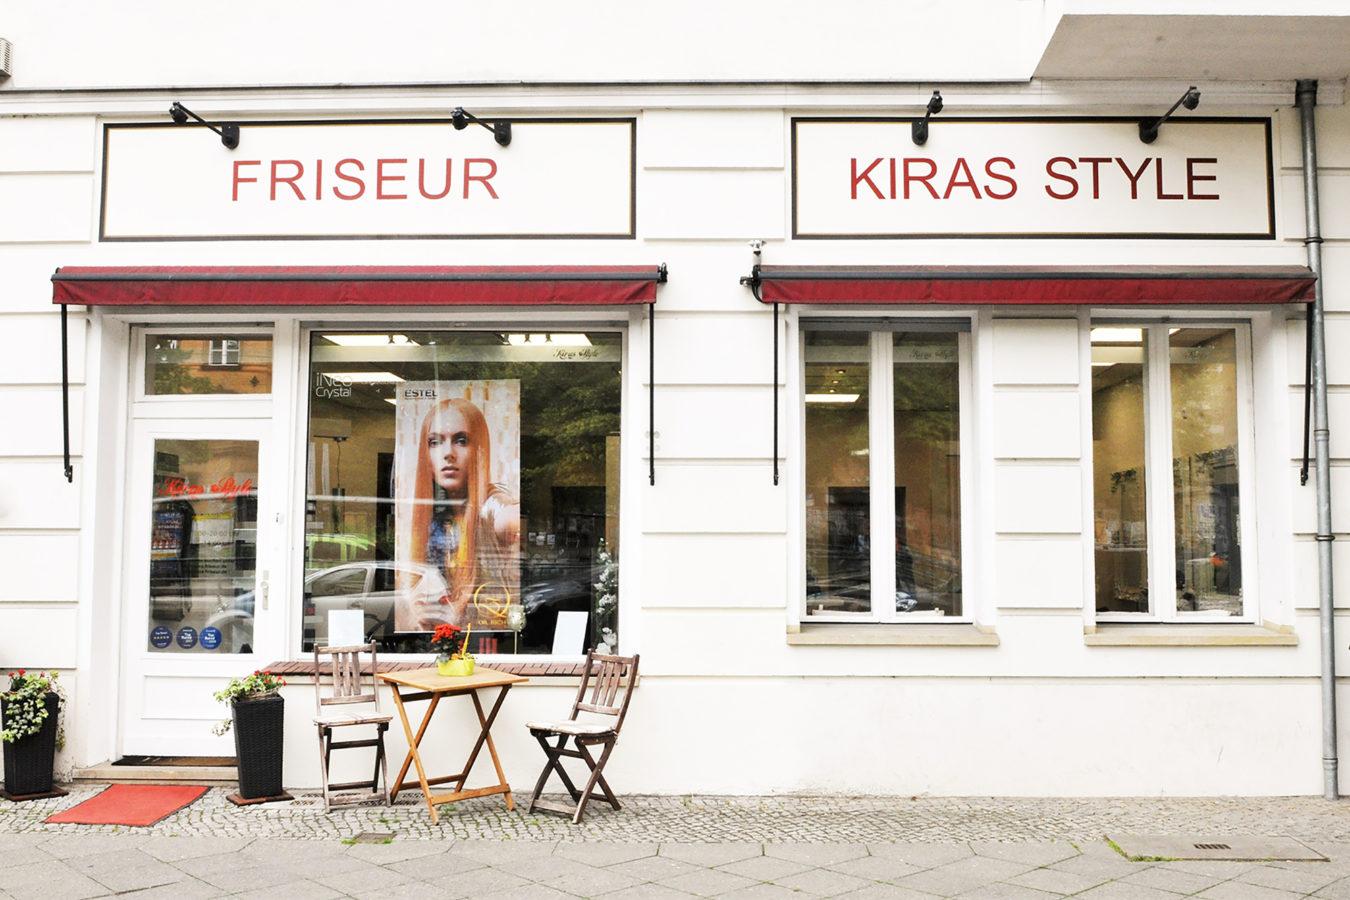 Kiras-Style - Geschäft